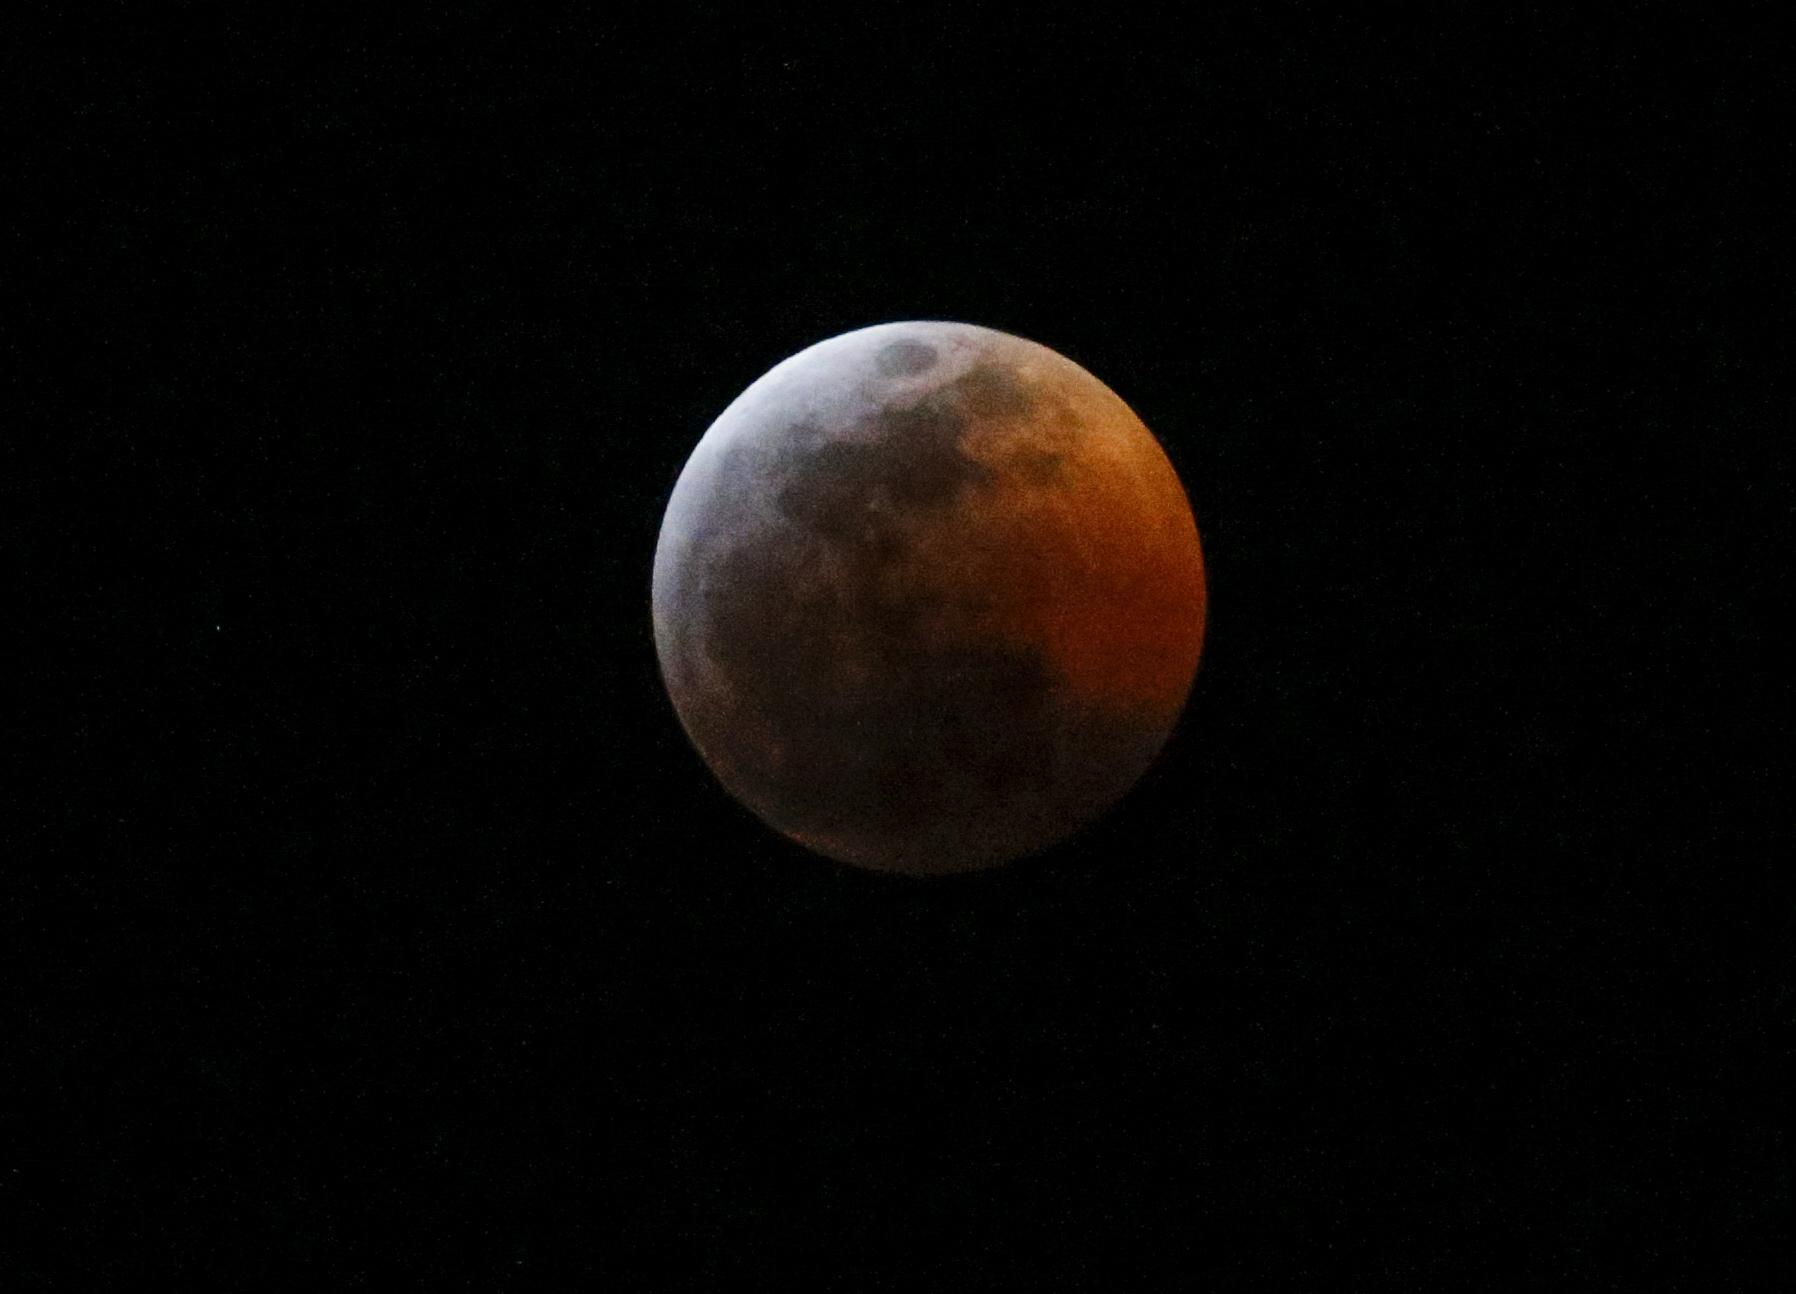 Lunar_Eclipse_07779-159532.jpg12210627